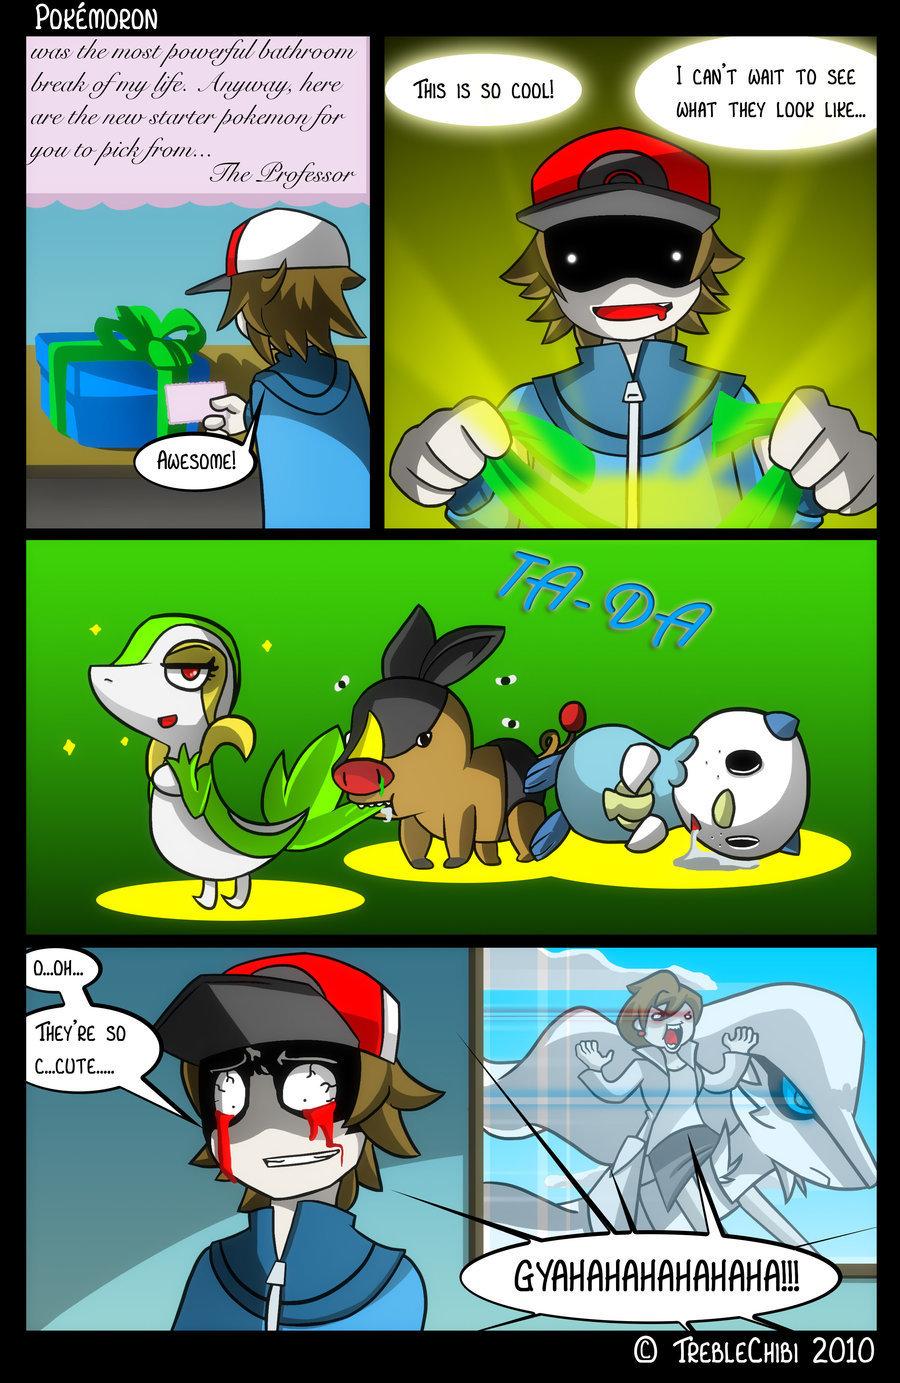 Funny Pokemon Black And White Comics pokemon black & white - pok�mon fan art (20969530) - fanpop